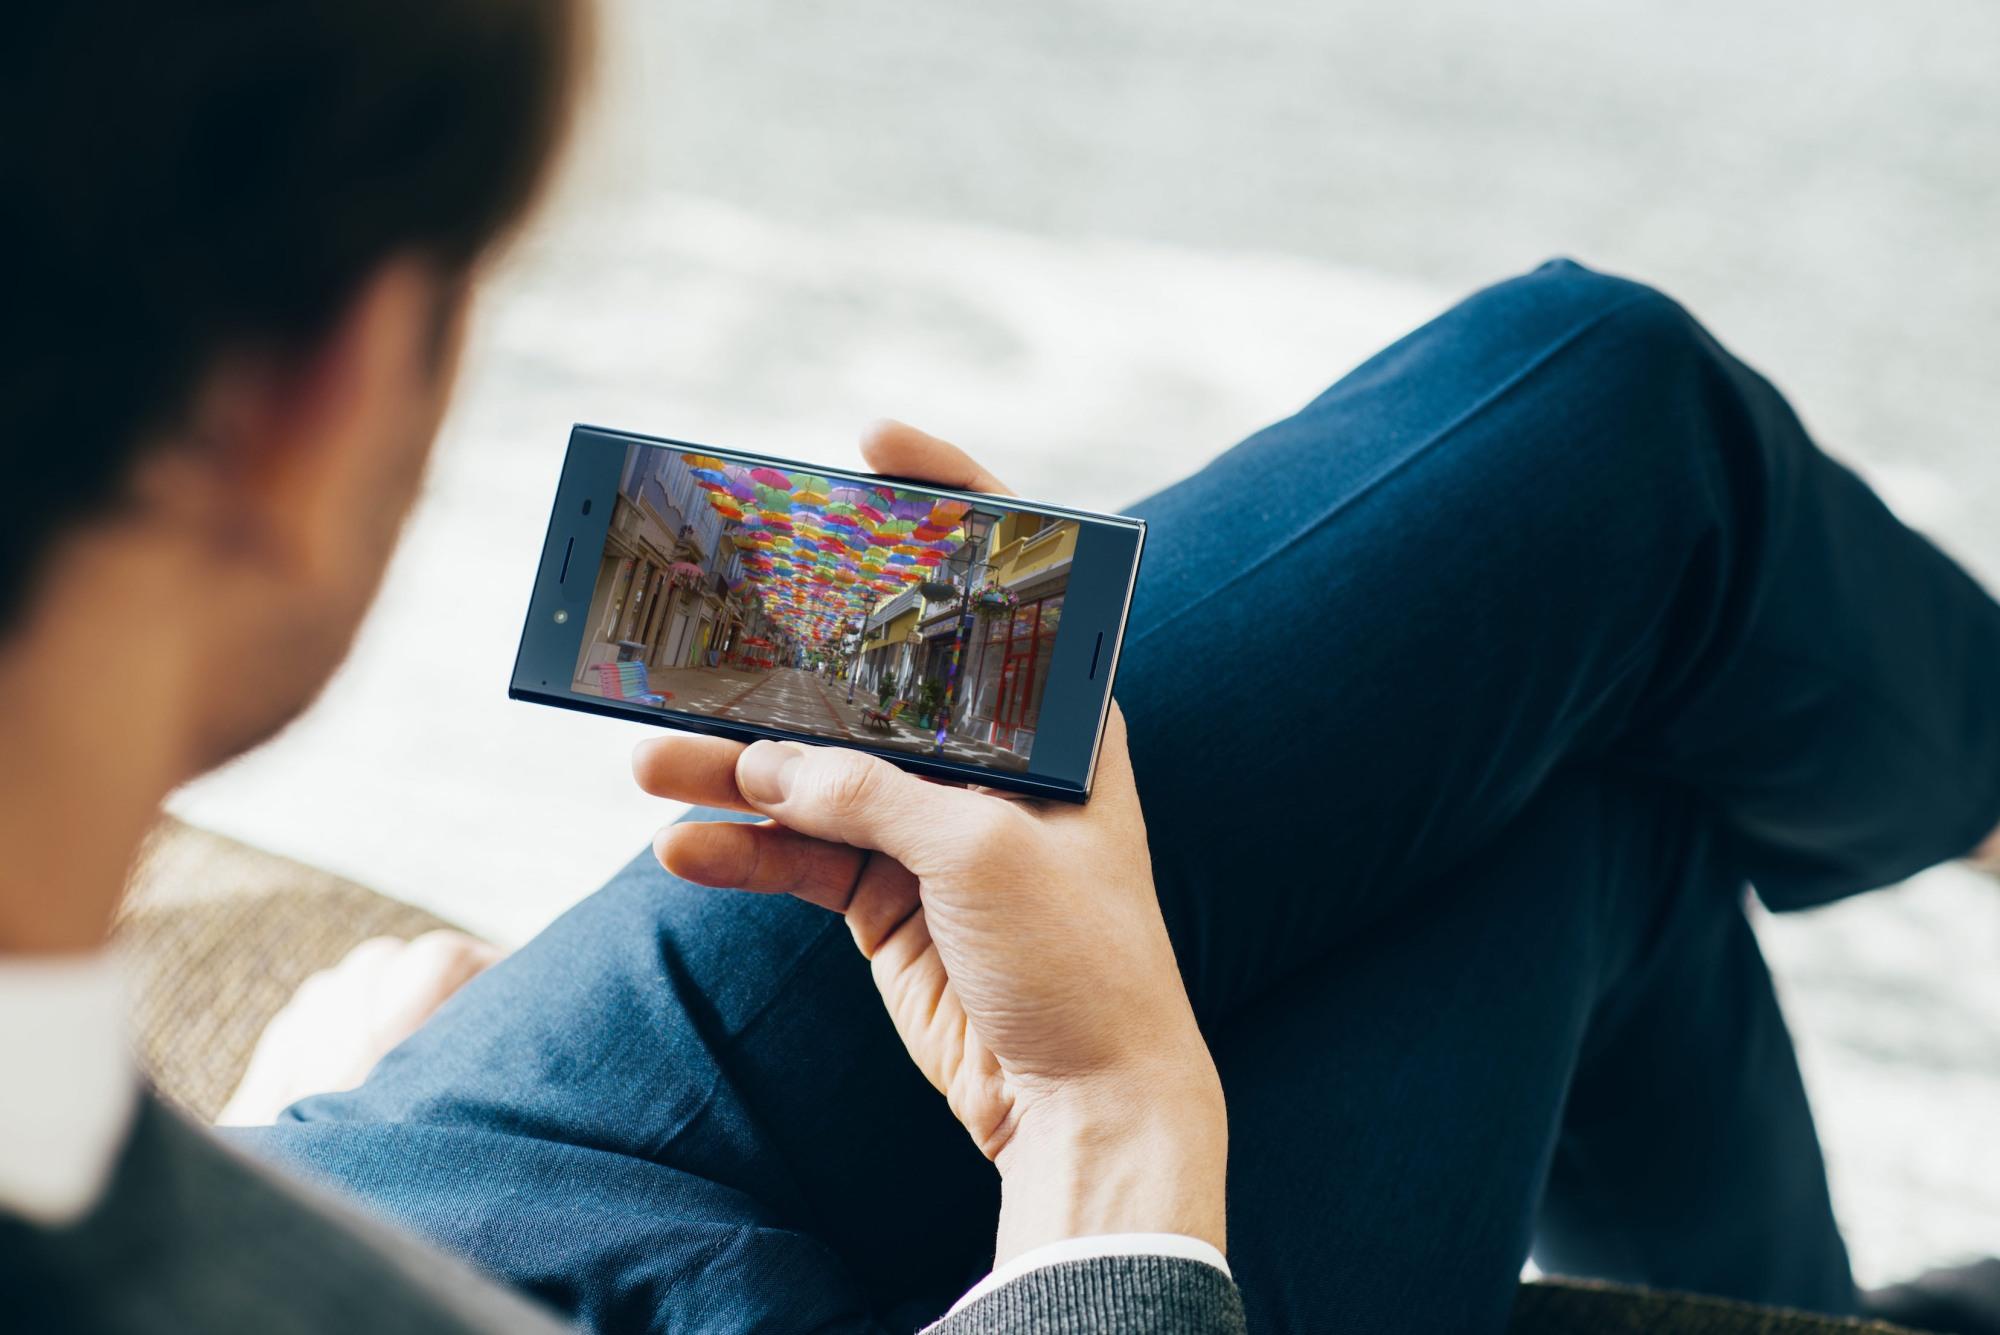 Мобильный просмотр / mobile viewing